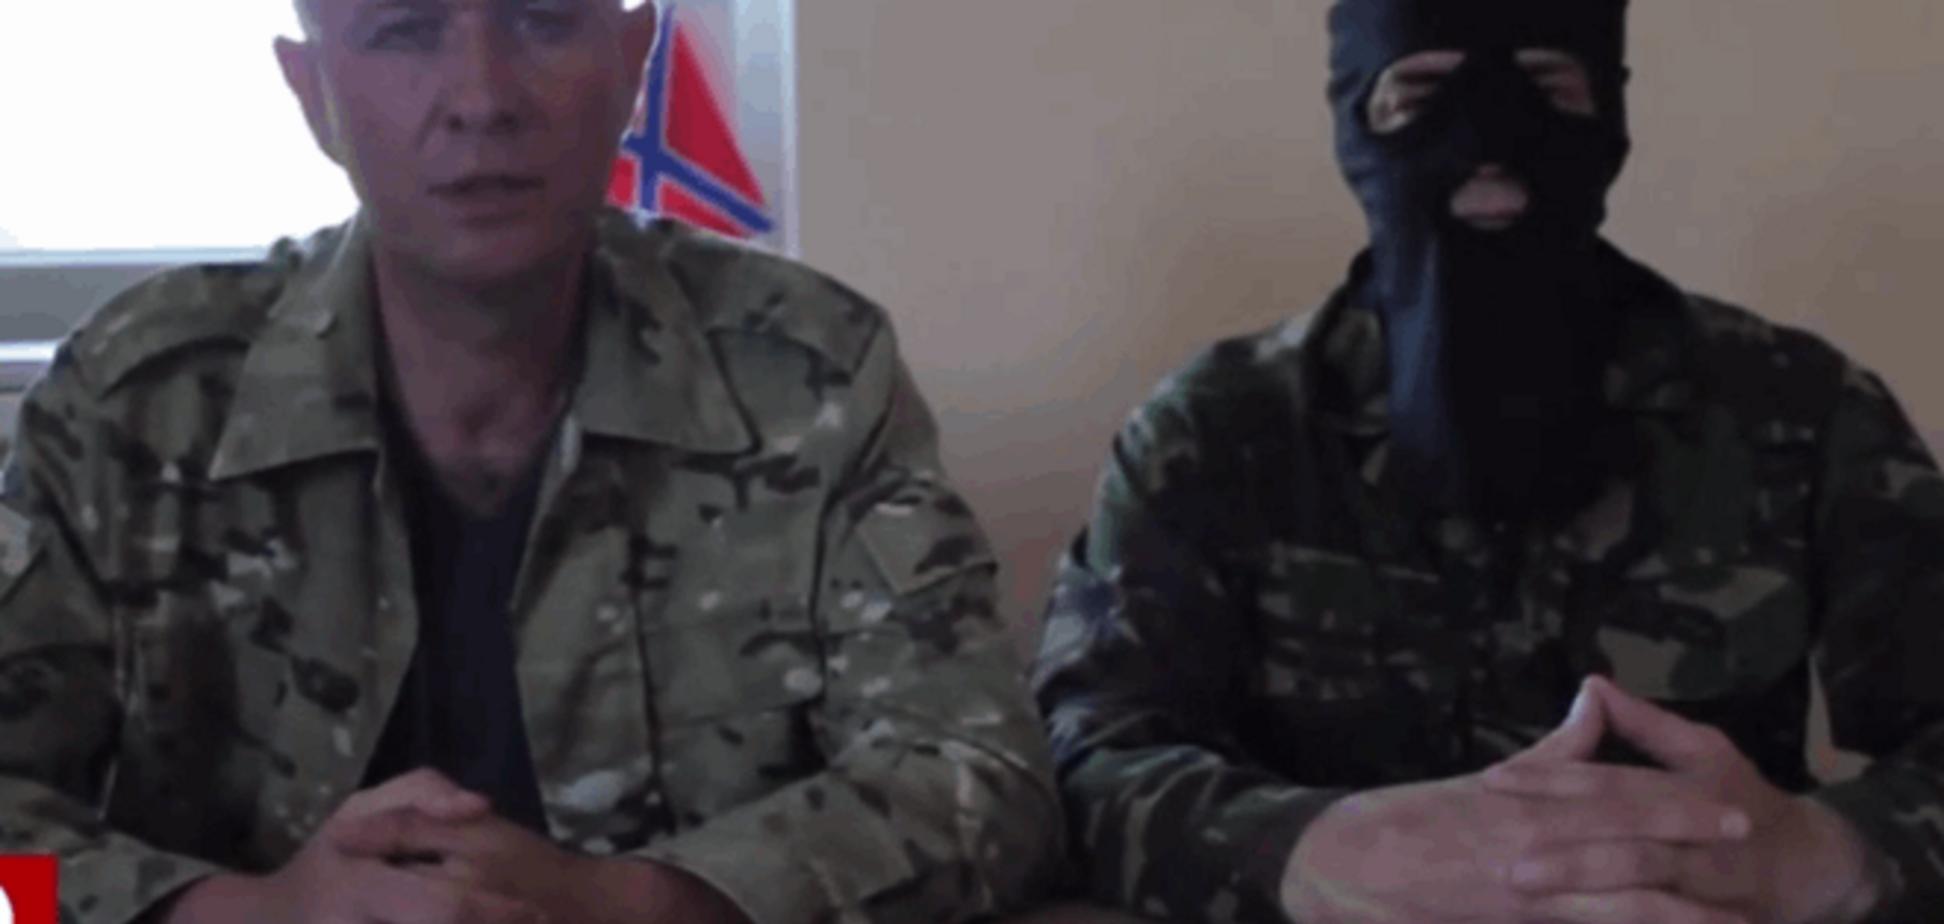 Осиротевшая банда Мозгового начала 'джихад' против 'хунты': видеофакт